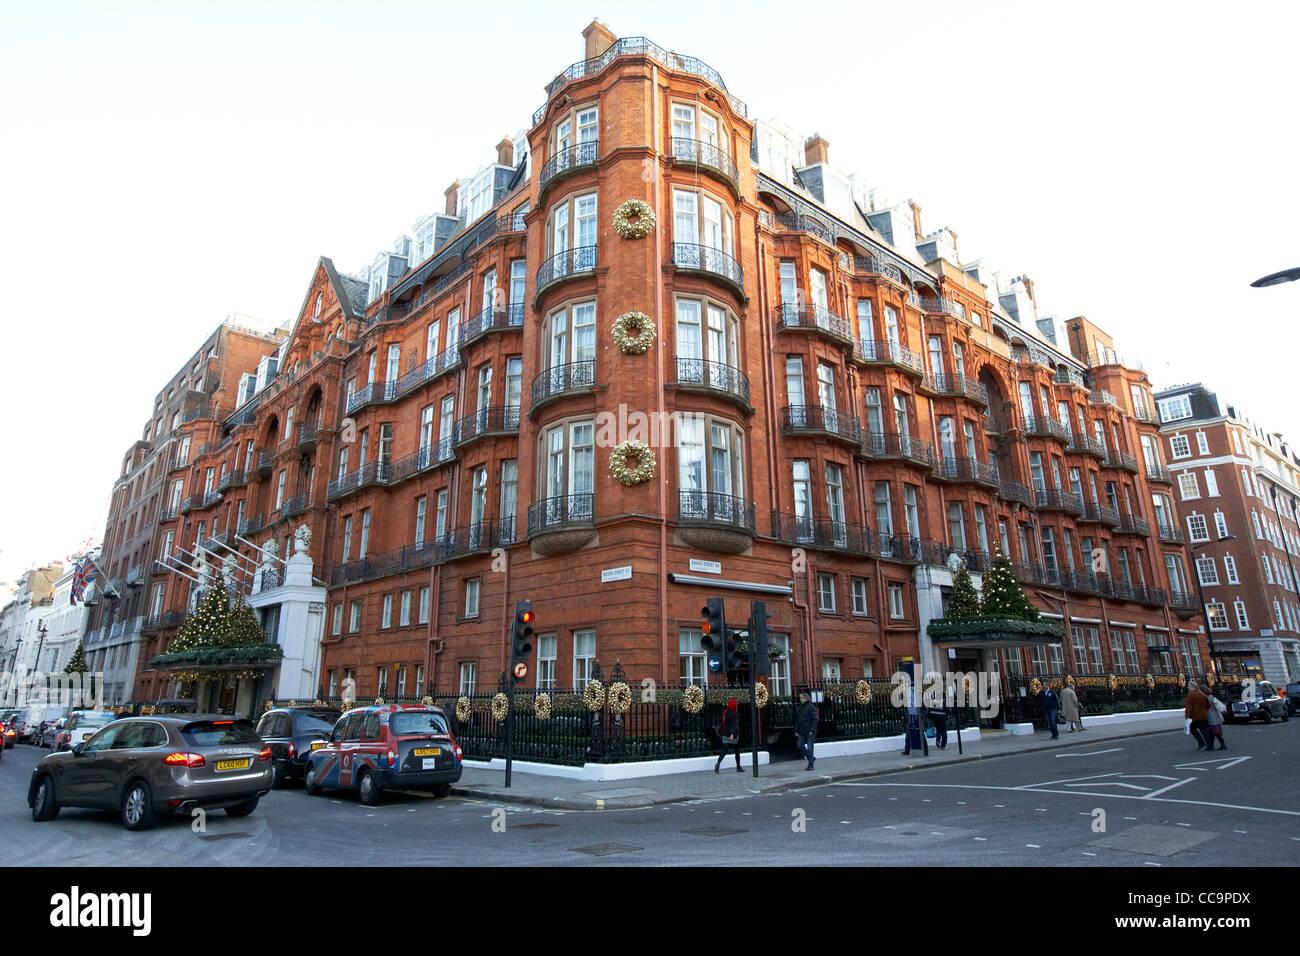 Claridges luxury mayfair hotel London England UK United kingdom - Stock Image